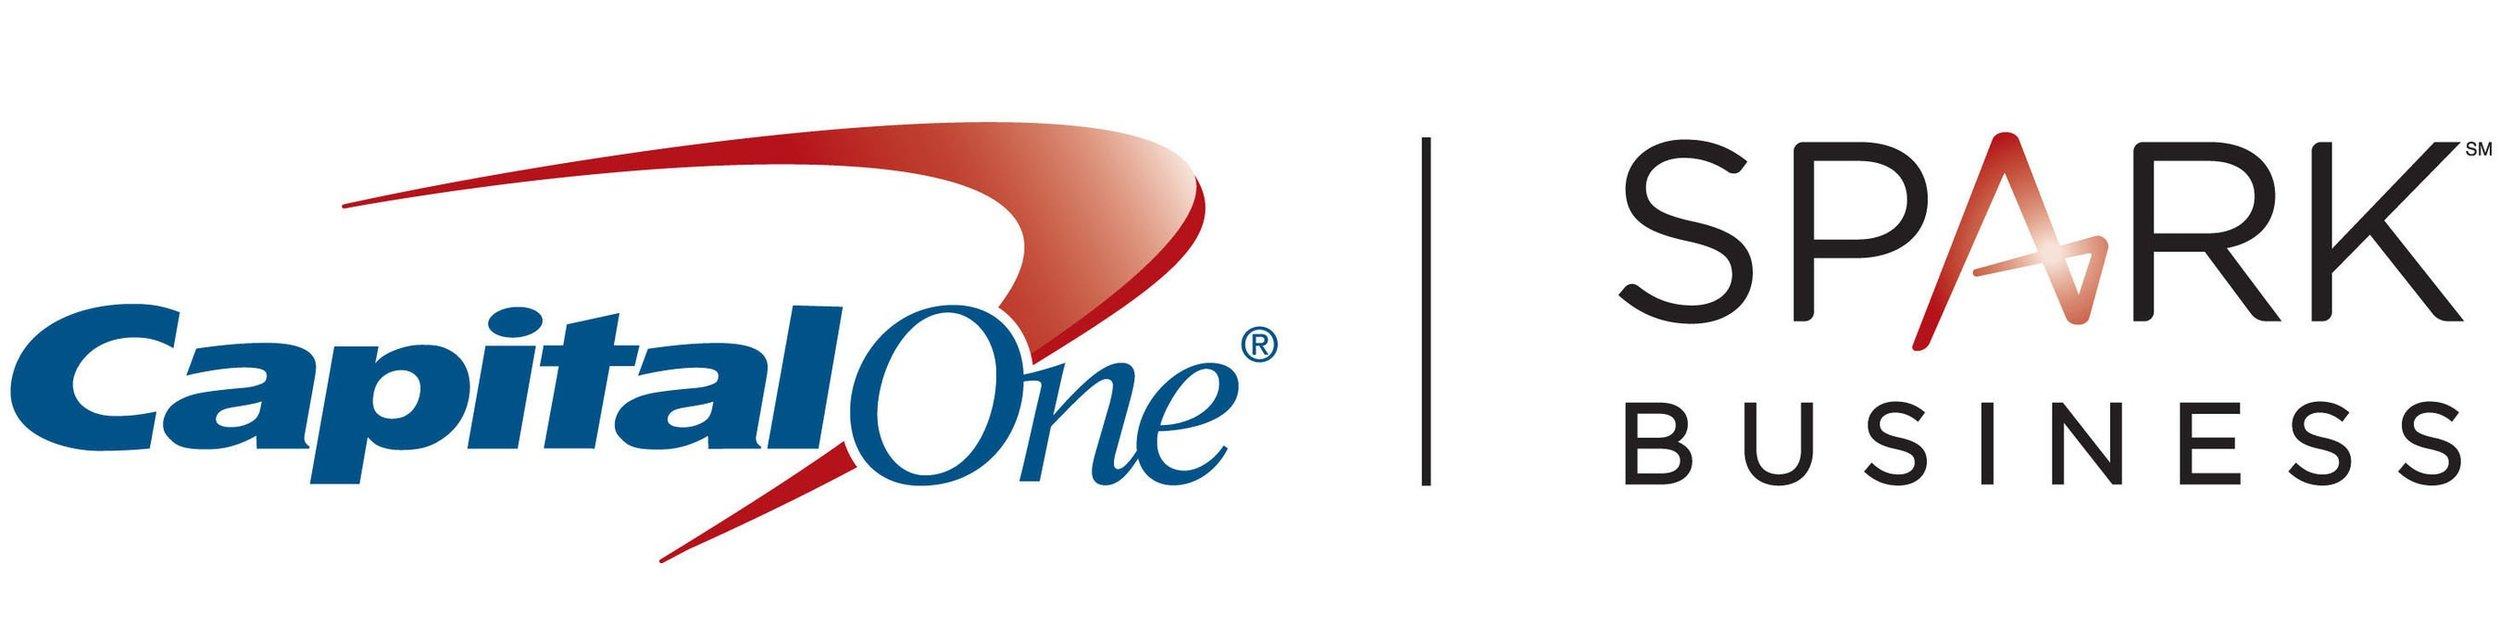 Capital-One-Spark-Business-Logo.jpg